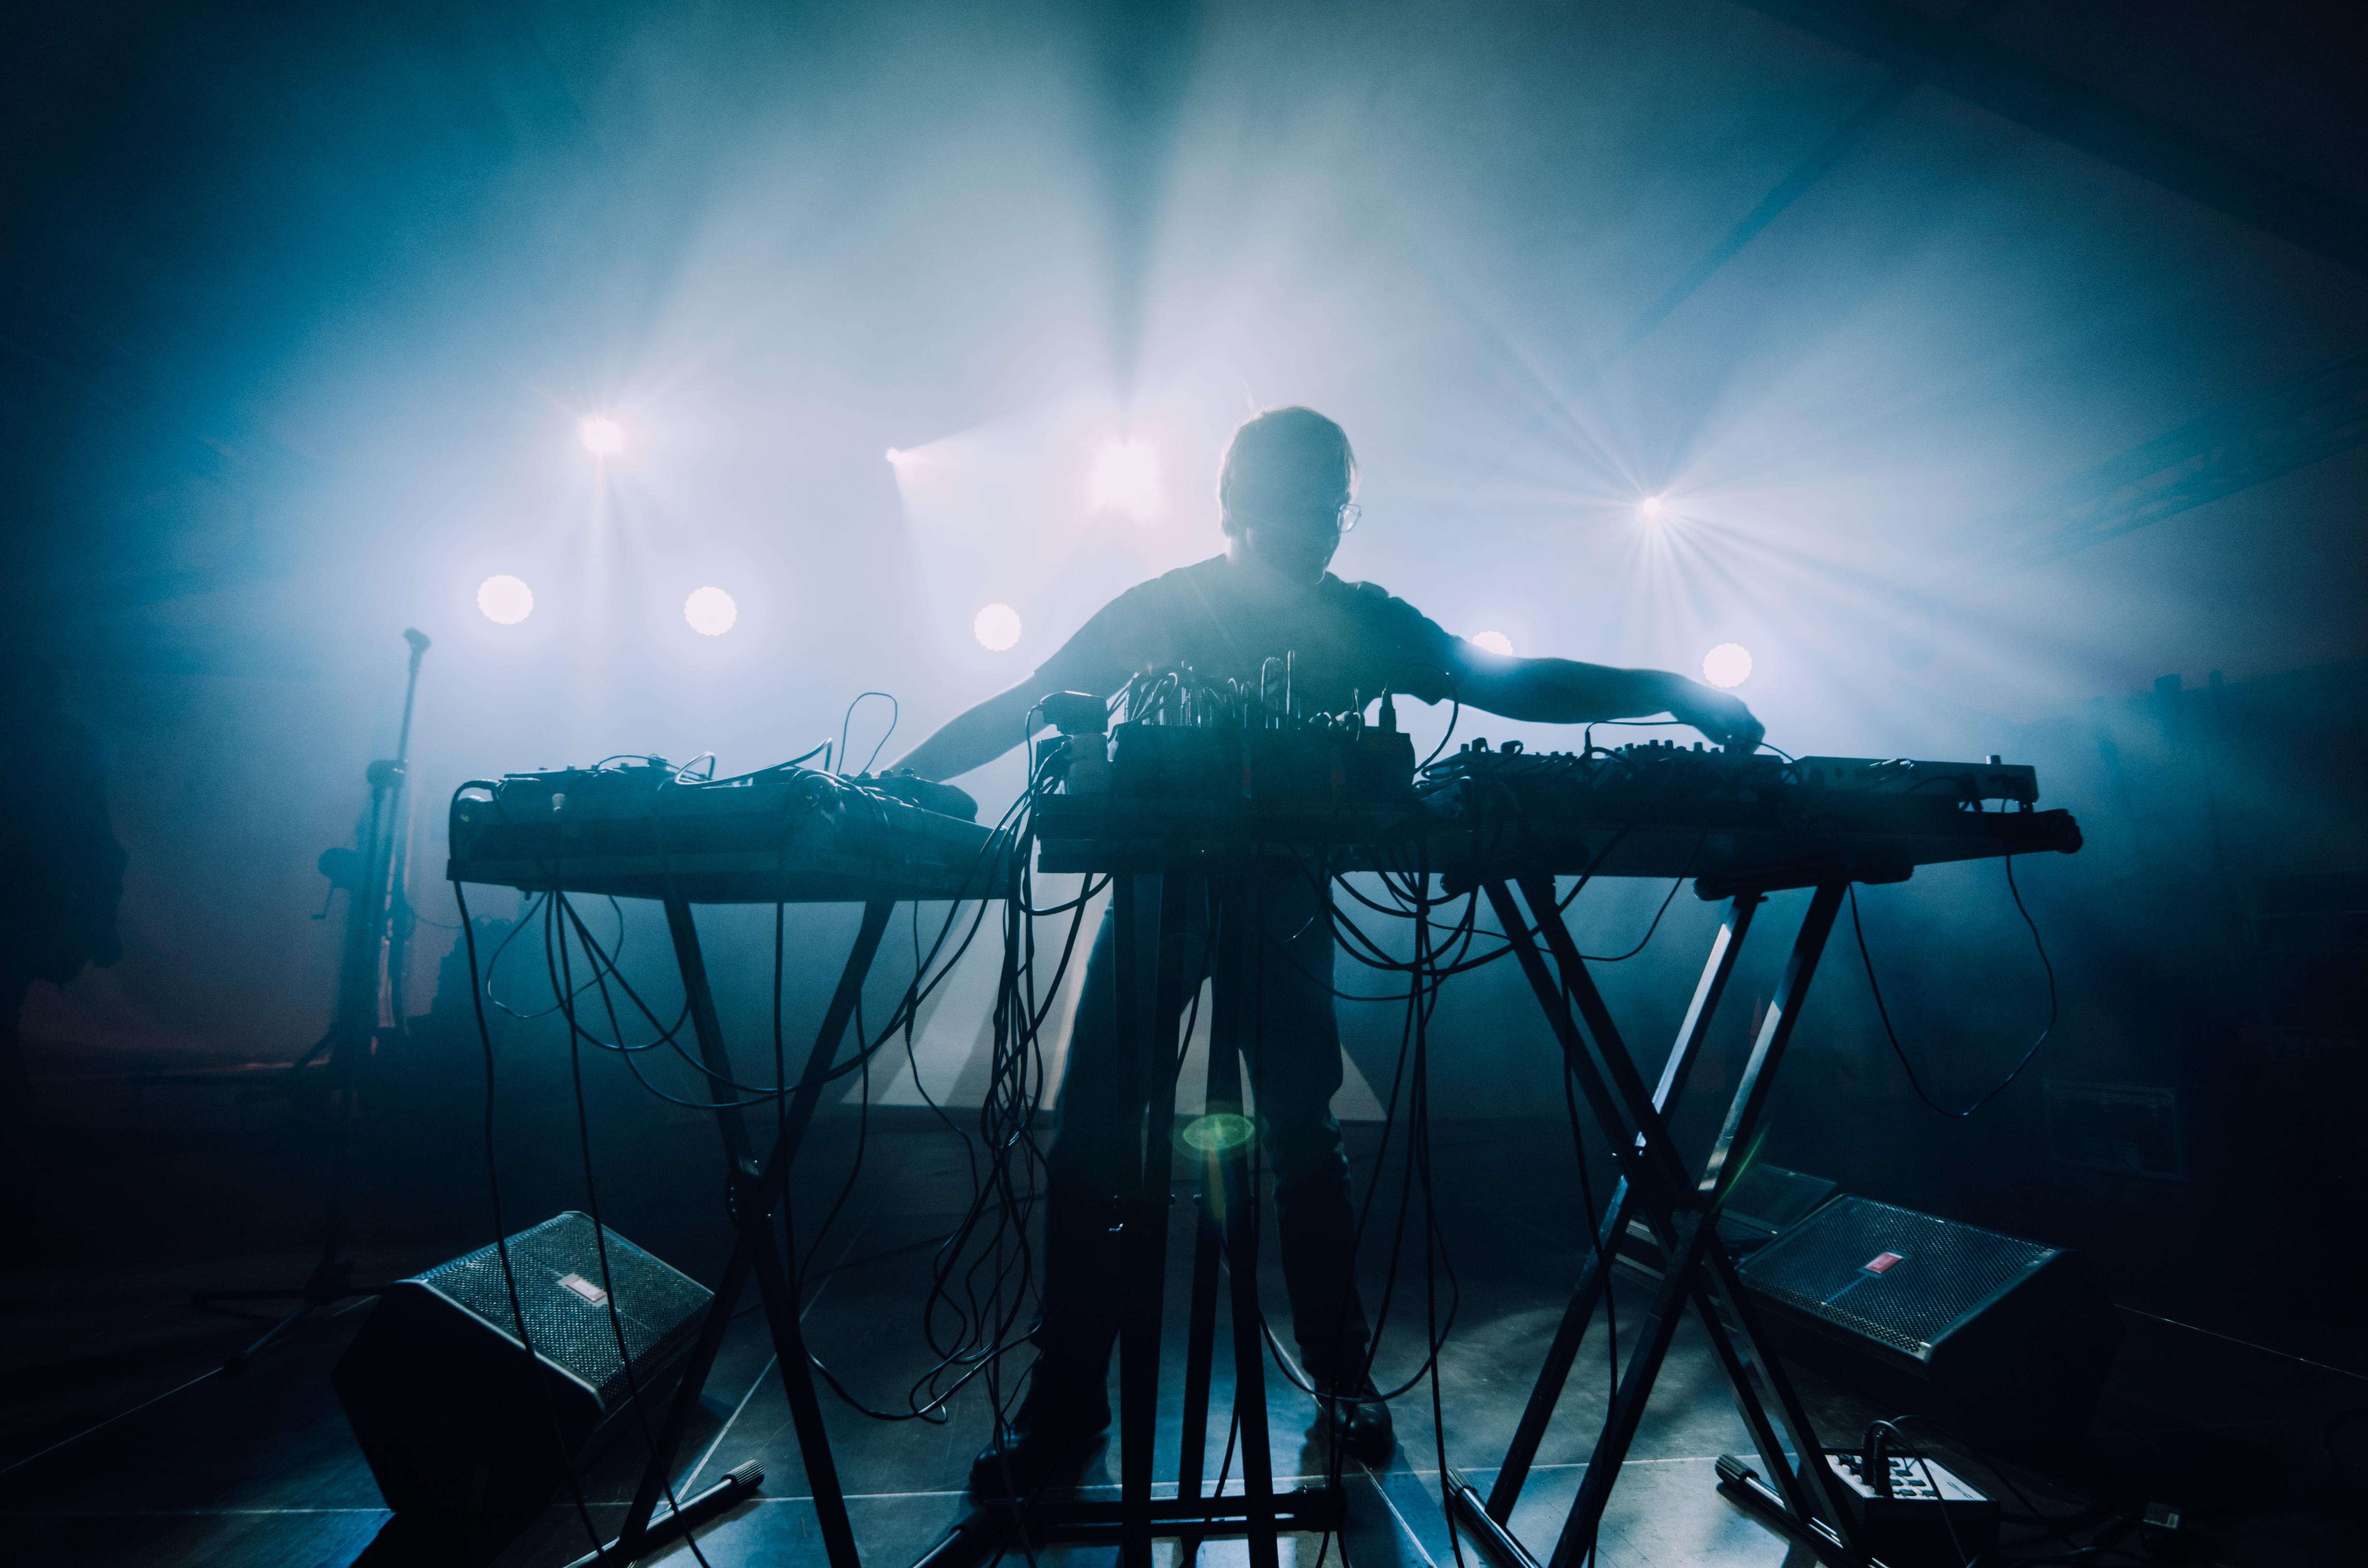 [Na zdjęciu widoczna sylwetka mężczyzny tworzącego dźwięki na konsoli. Mocne, niebieskie światła za jego plecami.]